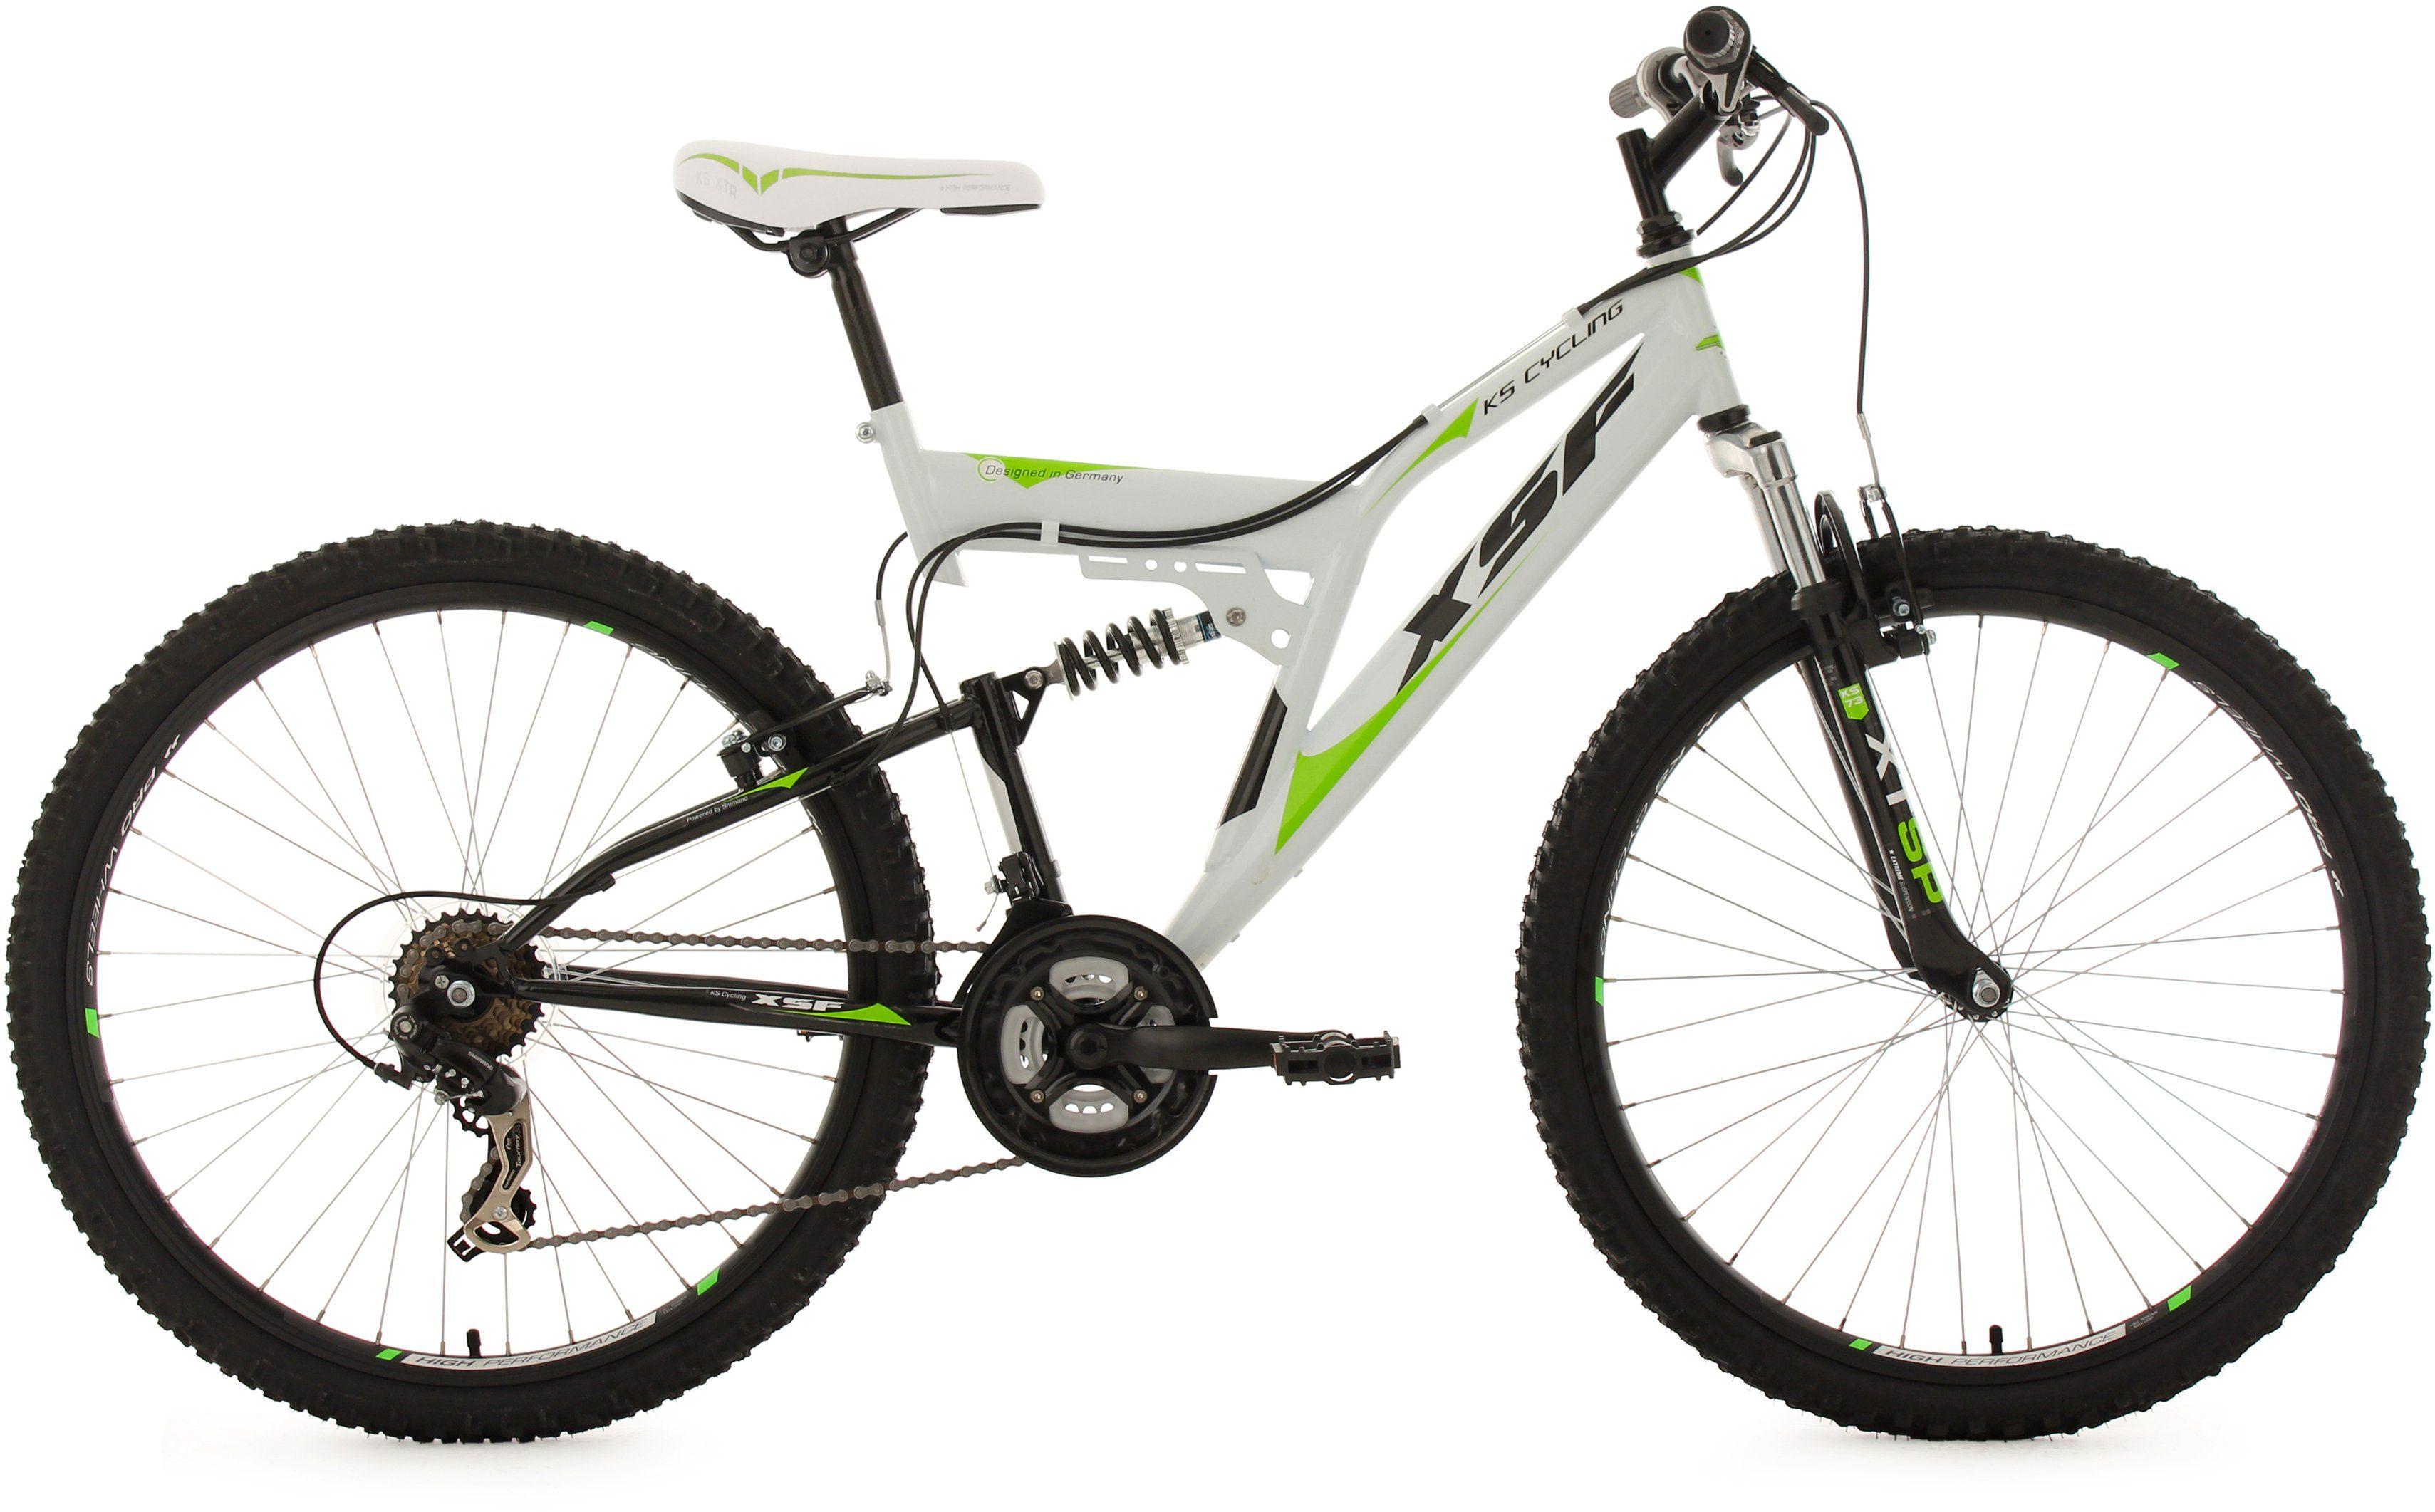 KS Cycling Hardtail-Mountainbike Herren, 26 Zoll, weiß-grün, 21 Gang-Kettenschaltung, »XSF«